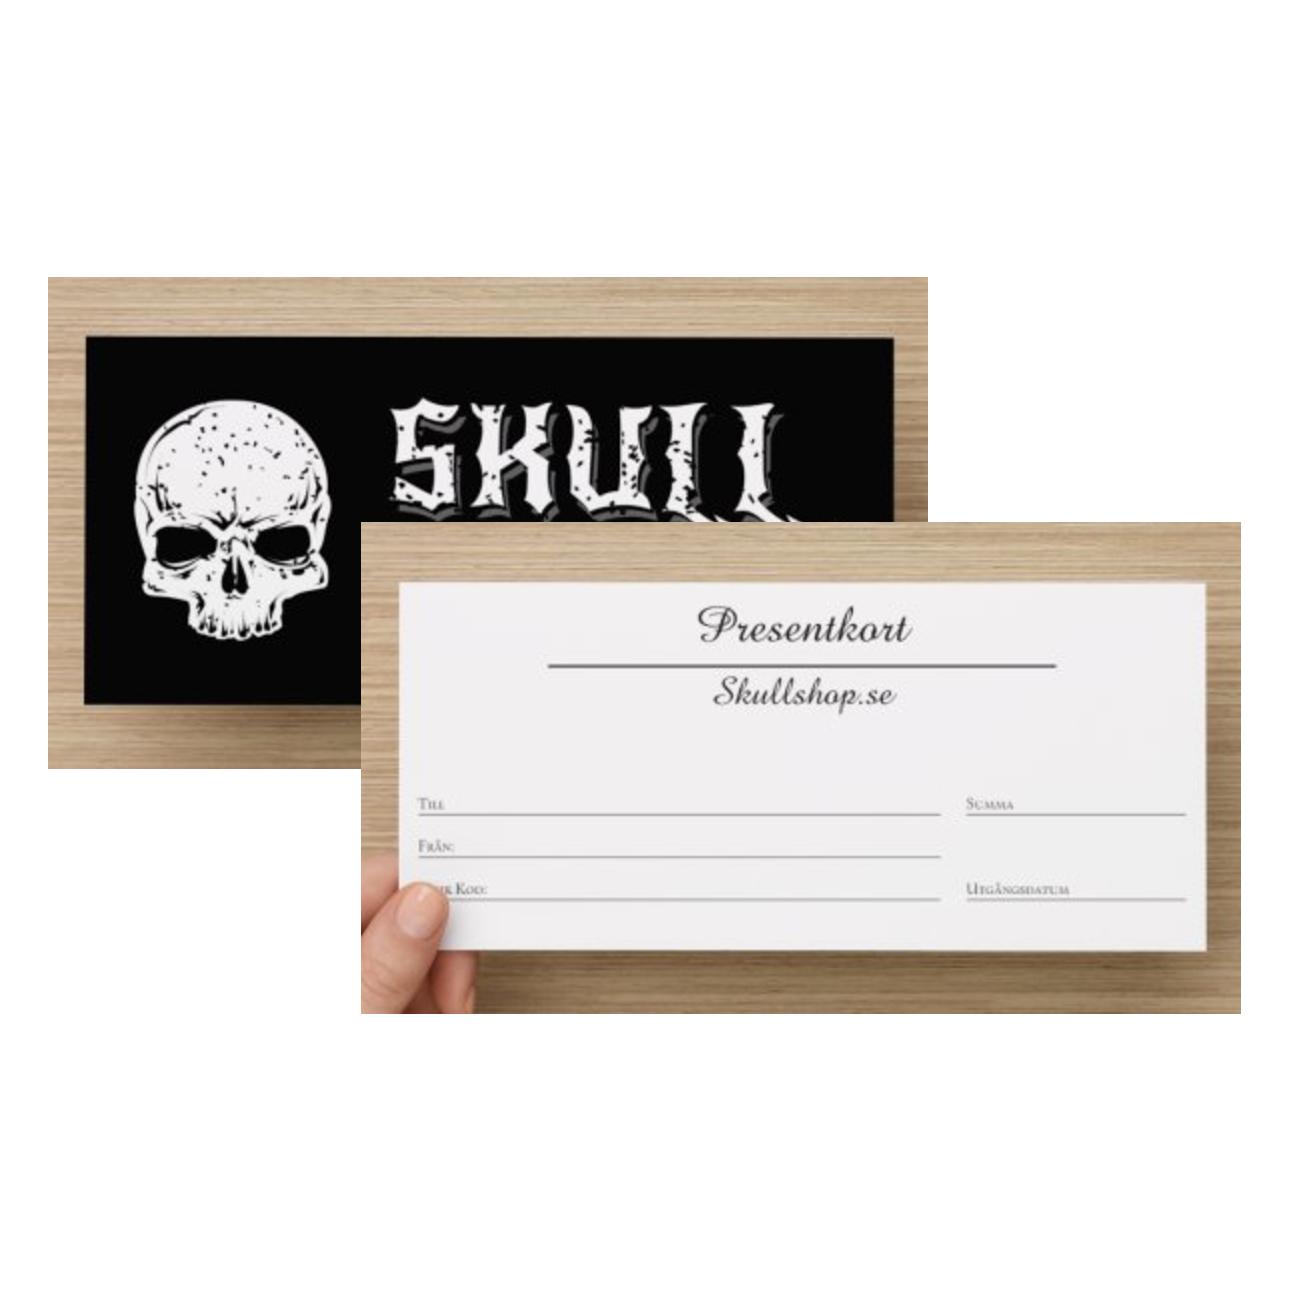 Presentkort på Skullshop